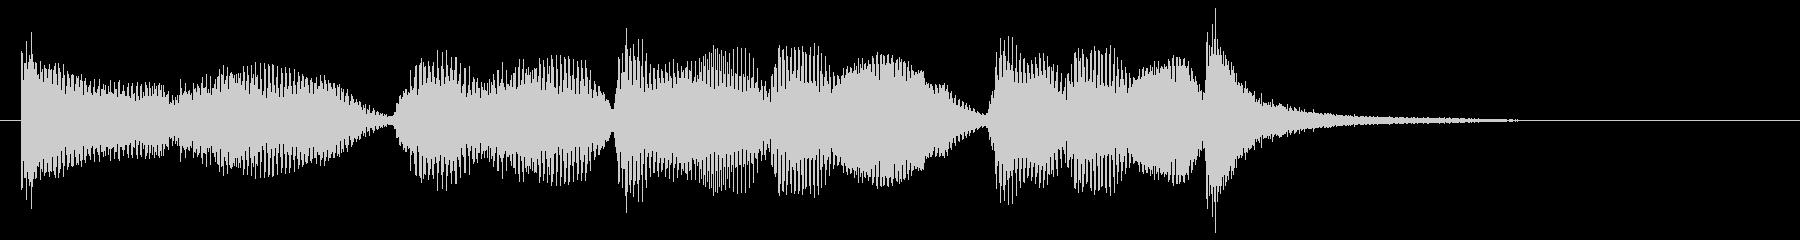 スリルあるリアルオーケストラジングル。…の未再生の波形